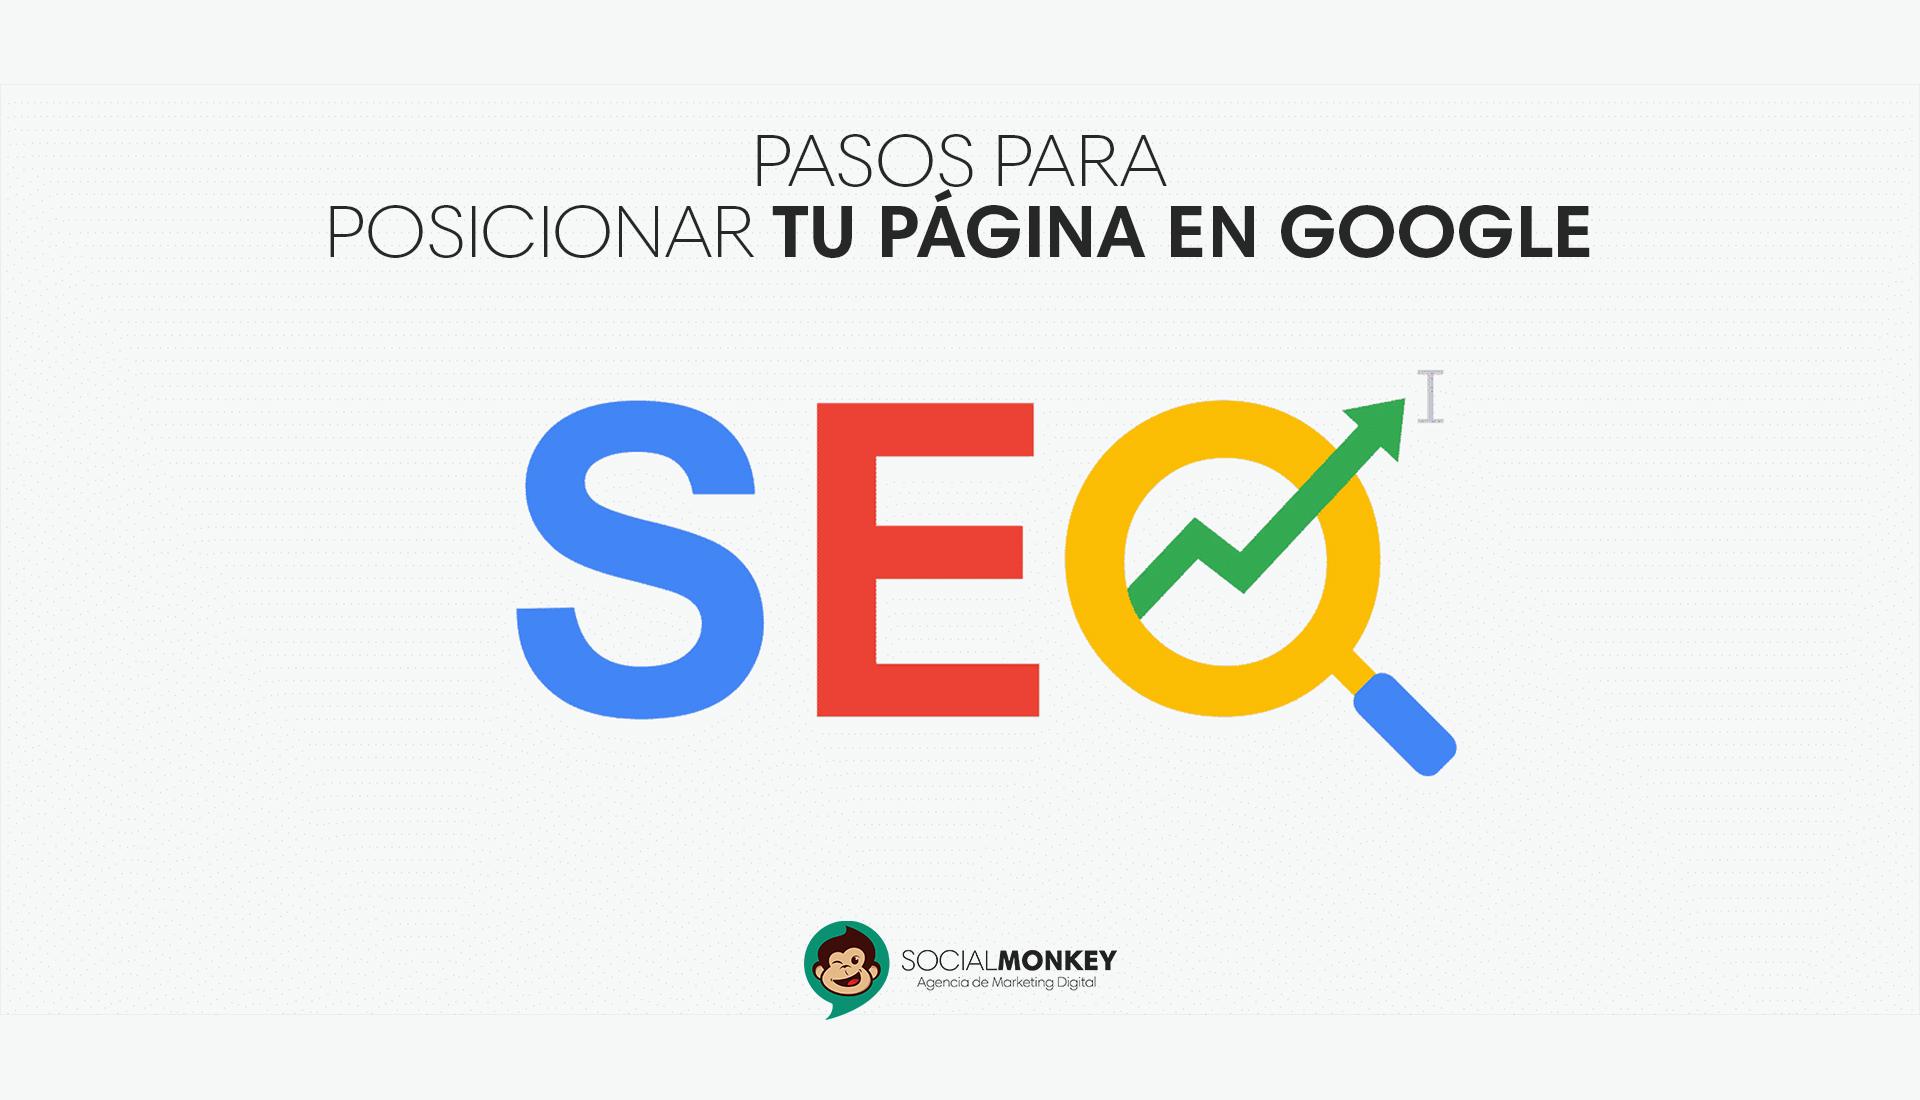 pasos-seo-google-pagina-web-sitio-posicionar-socialmonkey